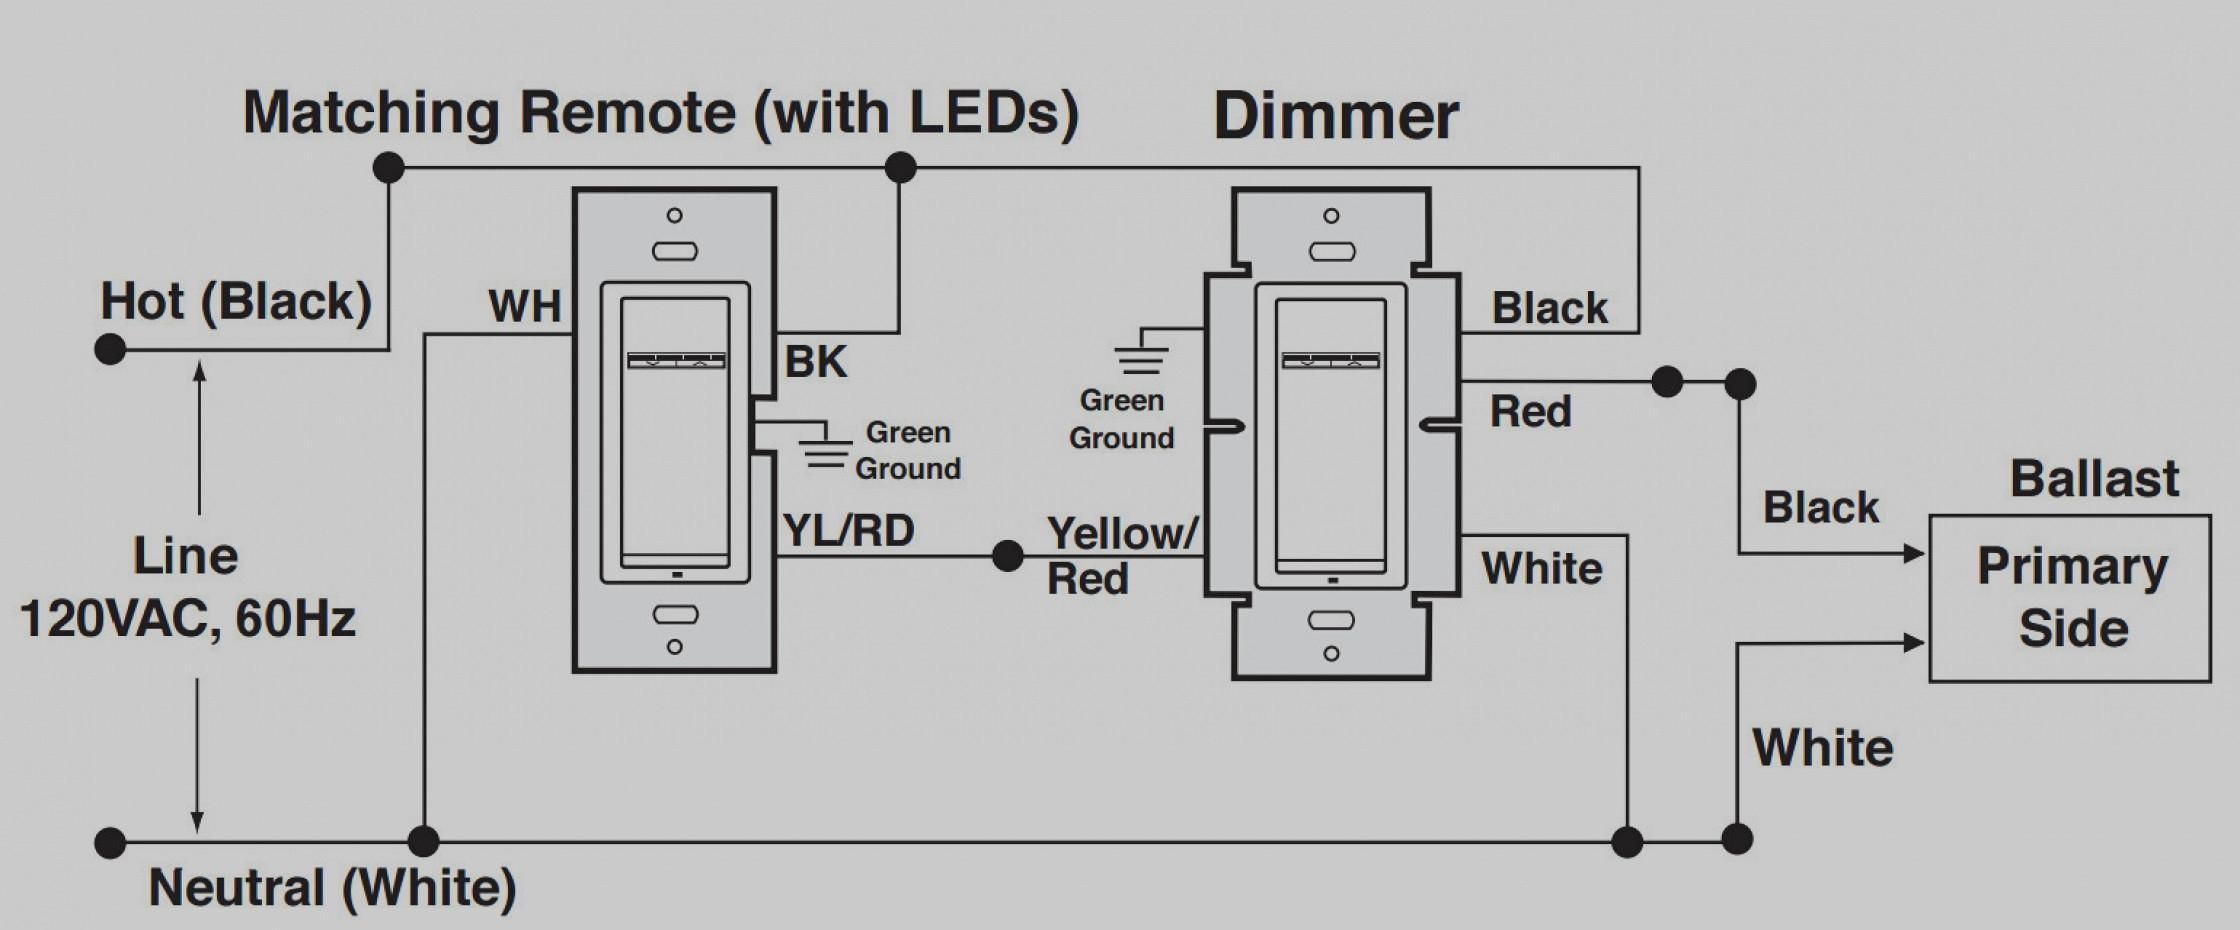 4 Way Dimmer Switch Wiring - Wiring Diagram Data Oreo - 3 Way Switch Single Pole Wiring Diagram